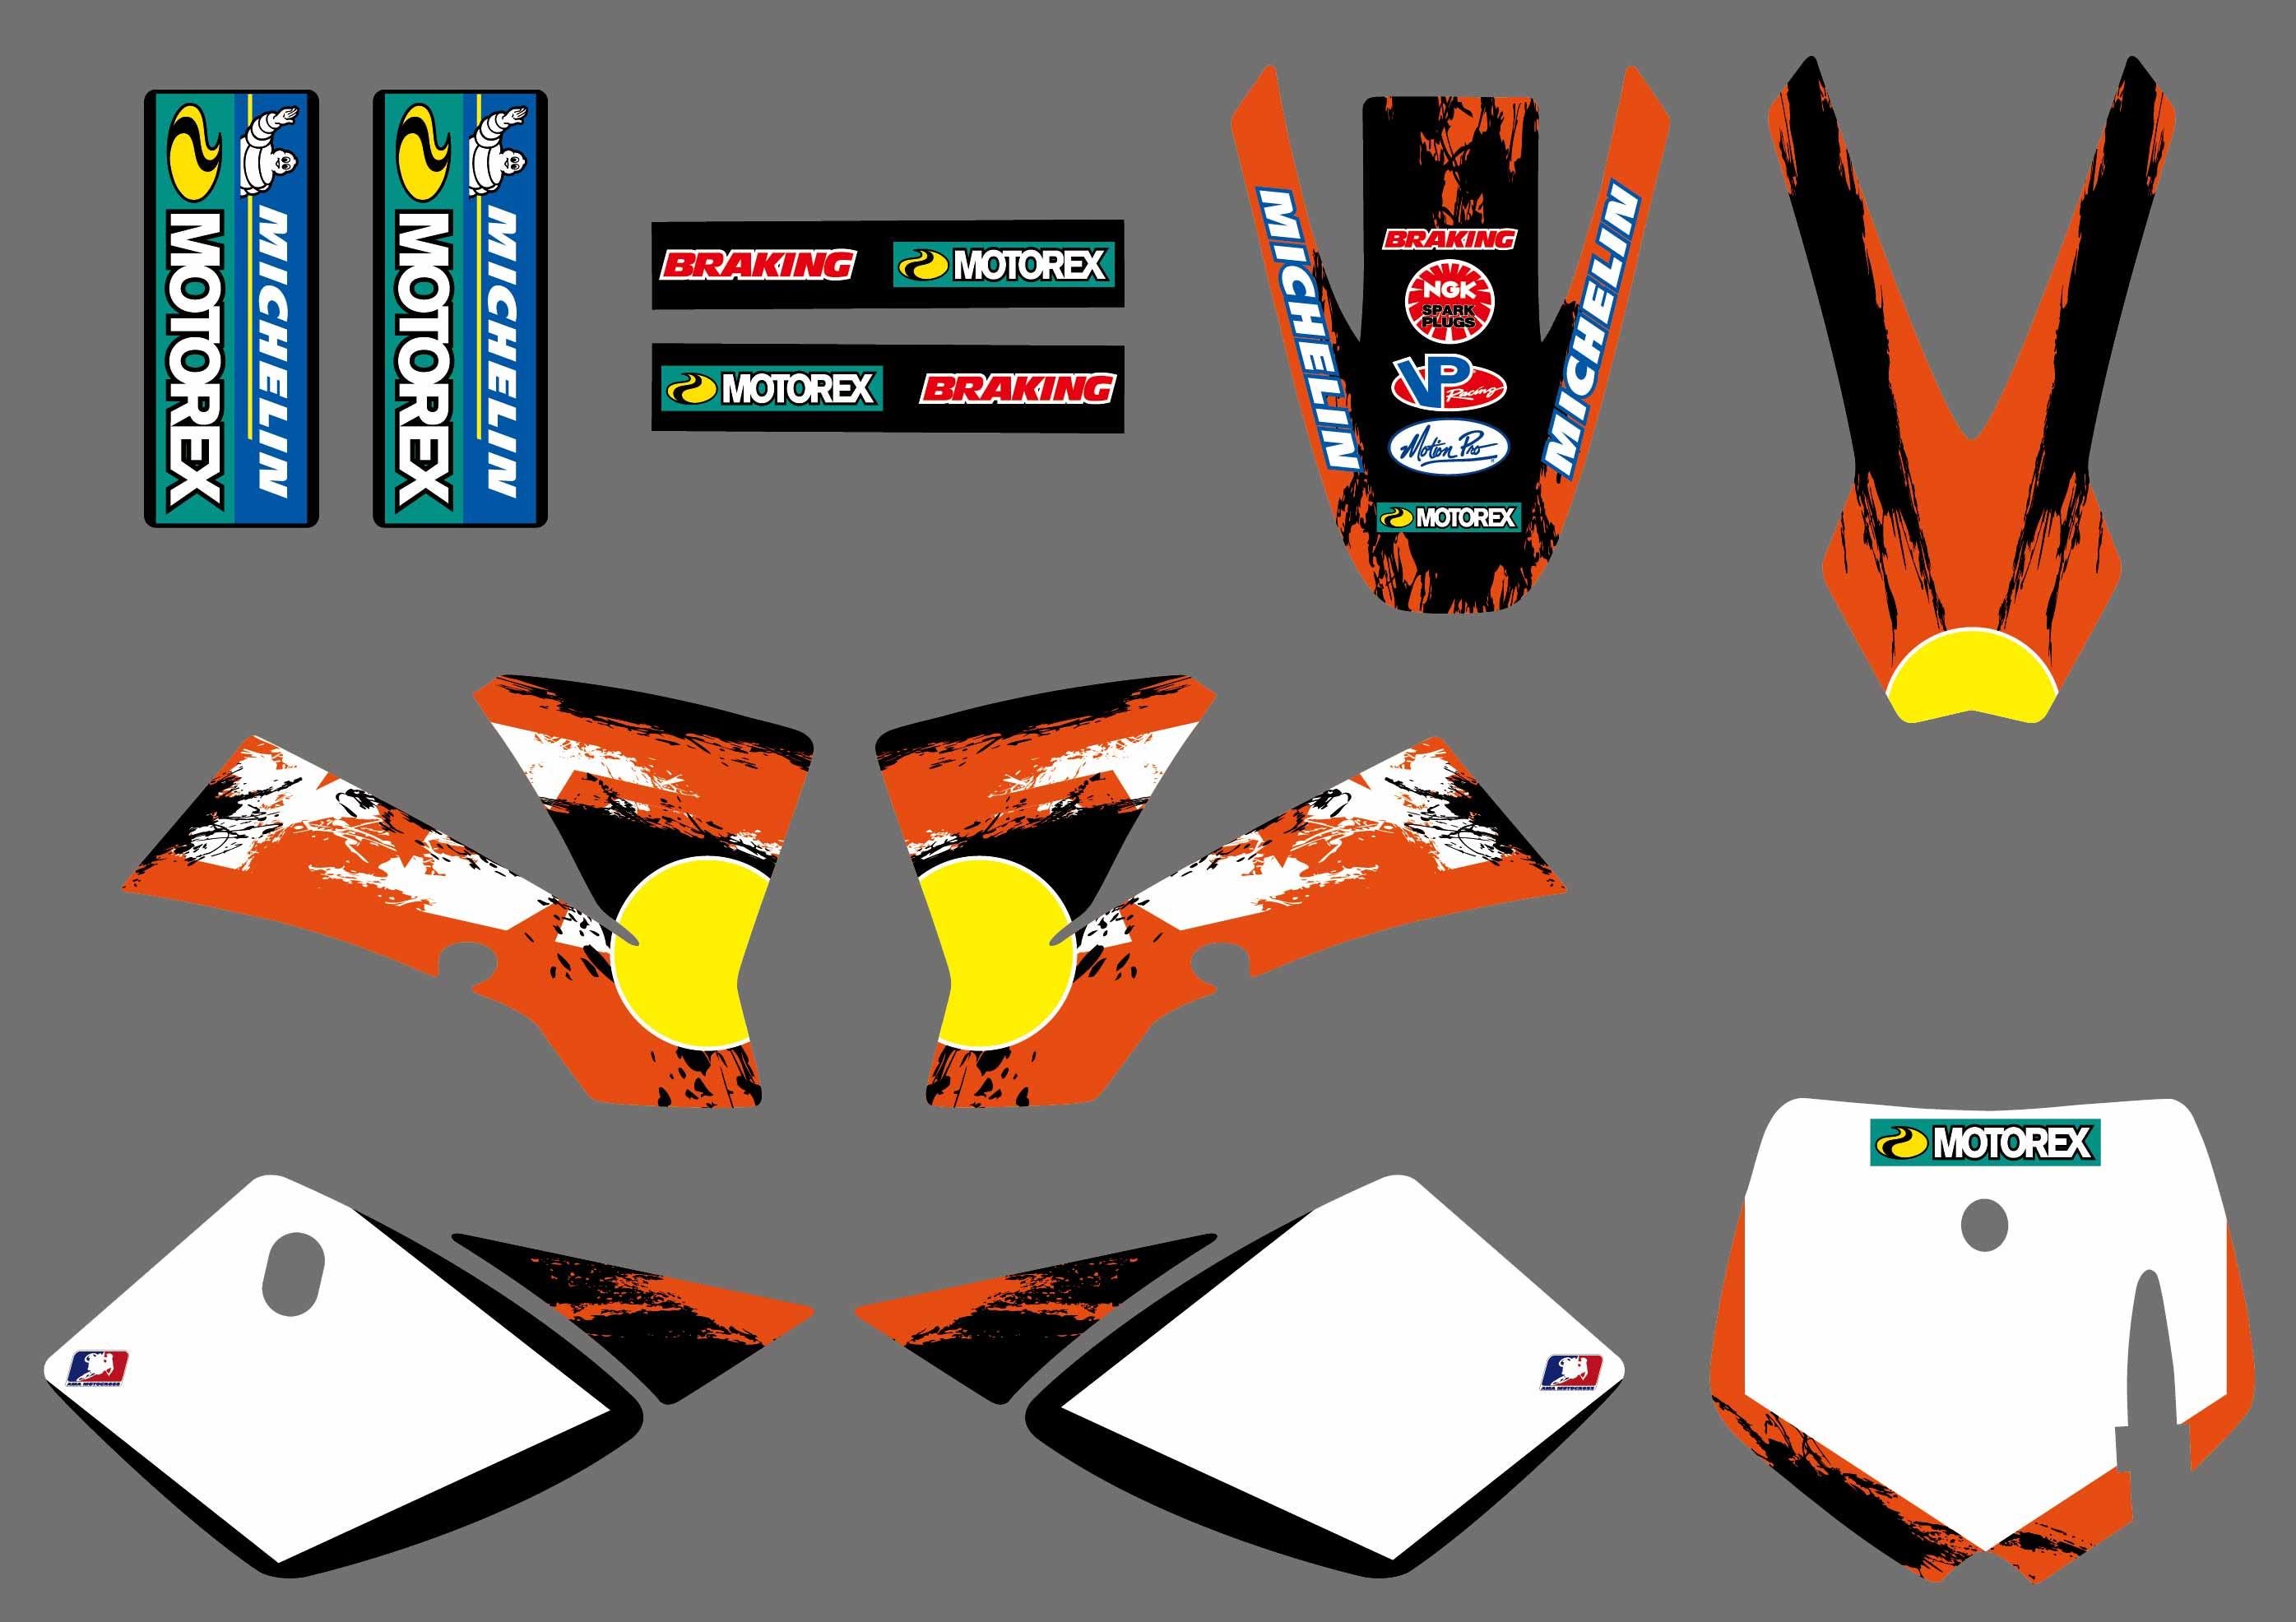 Moto équipe graphique décalcomanies autocollants déco ensemble pour KTM 50 SX50 SX 50CC MINI aventure MTK50 2002 2003 2004 2005 2006 2007 2008